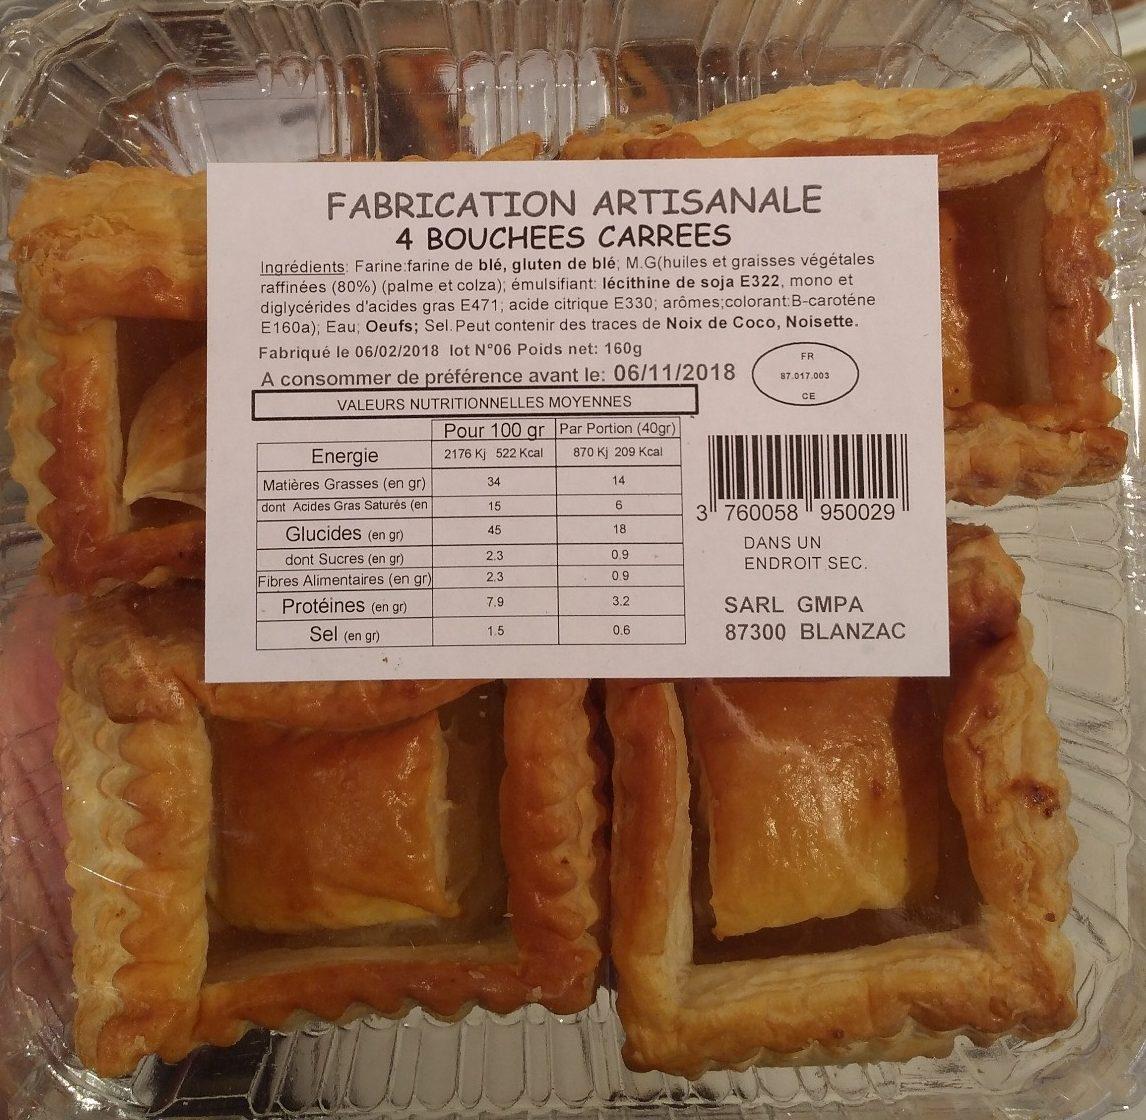 4 bouchées carrées - Product - fr